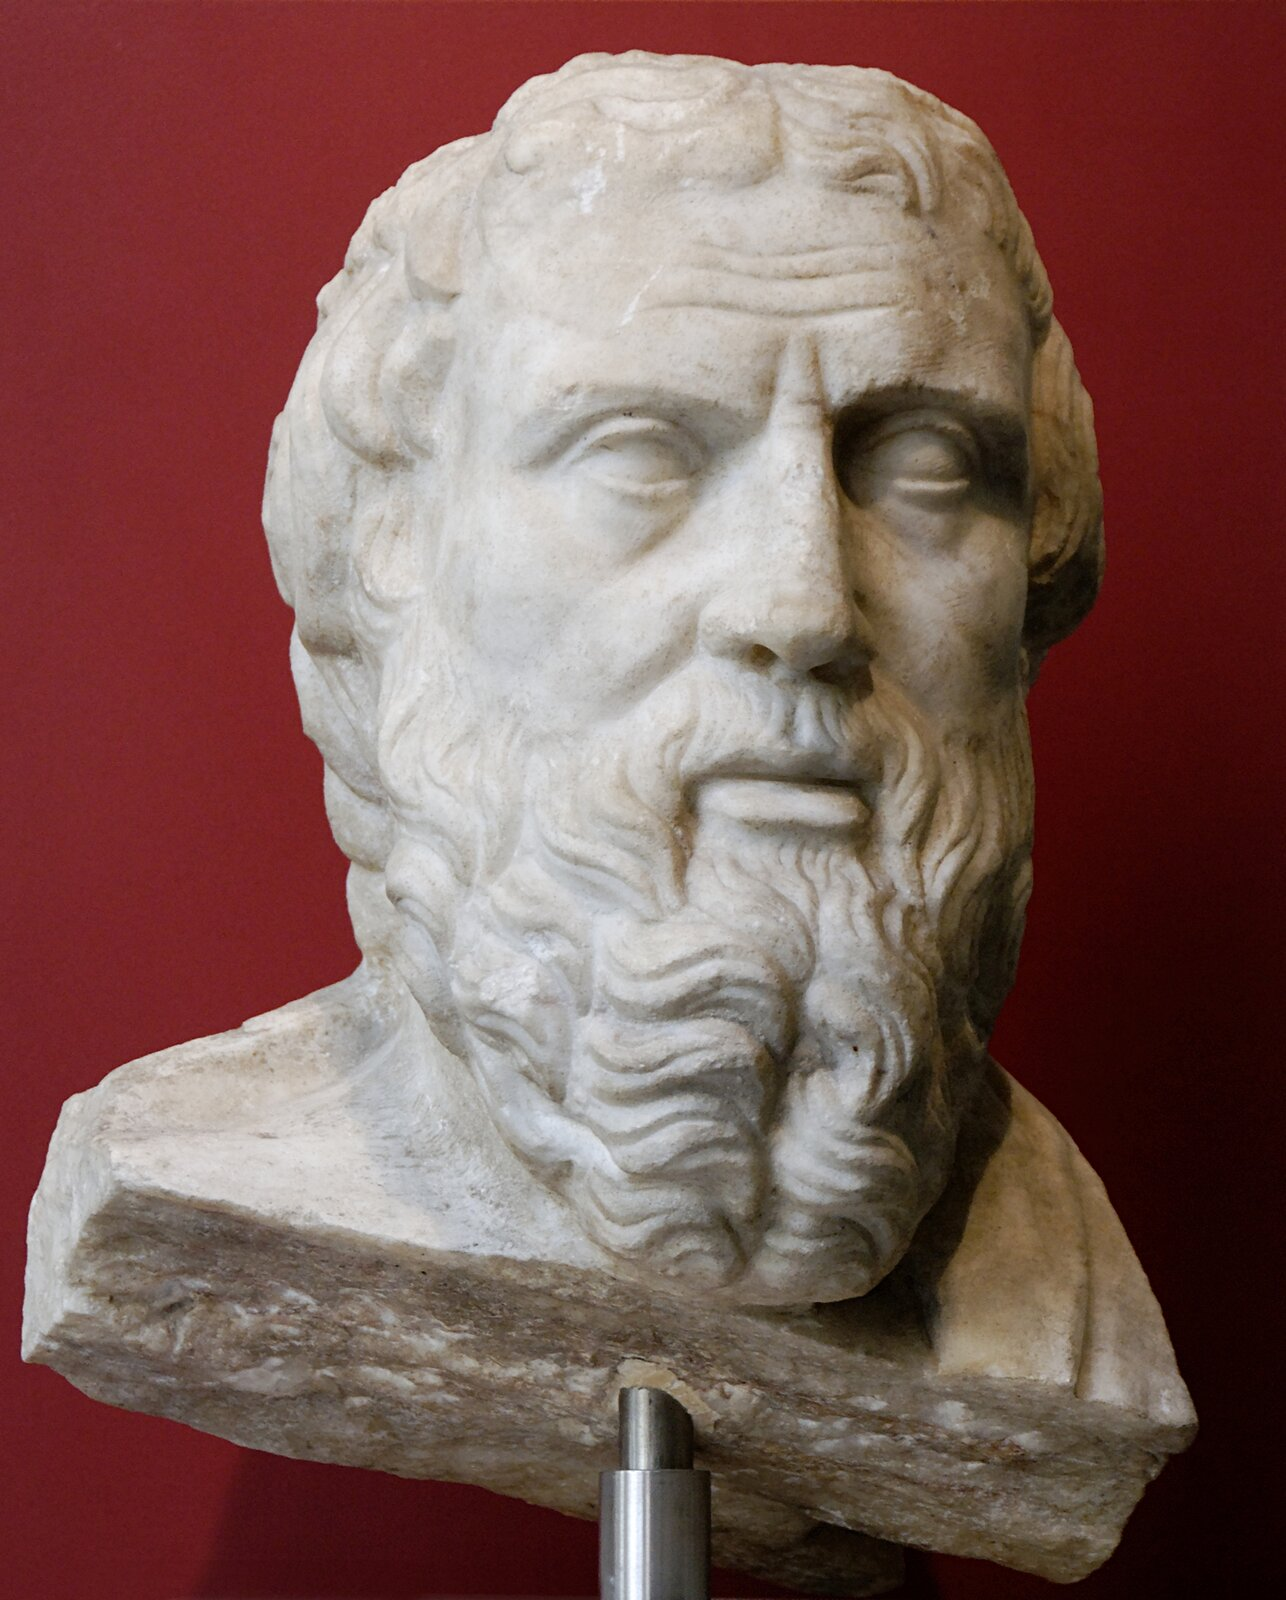 Popiersie Herodota, historyka greckiego (ok. 484 p.n.e–426 p.n.e.). Popiersie Herodota, historyka greckiego (ok. 484 p.n.e–426 p.n.e.). Źródło: rzeźba, Porta Metronia, Rzym, domena publiczna.